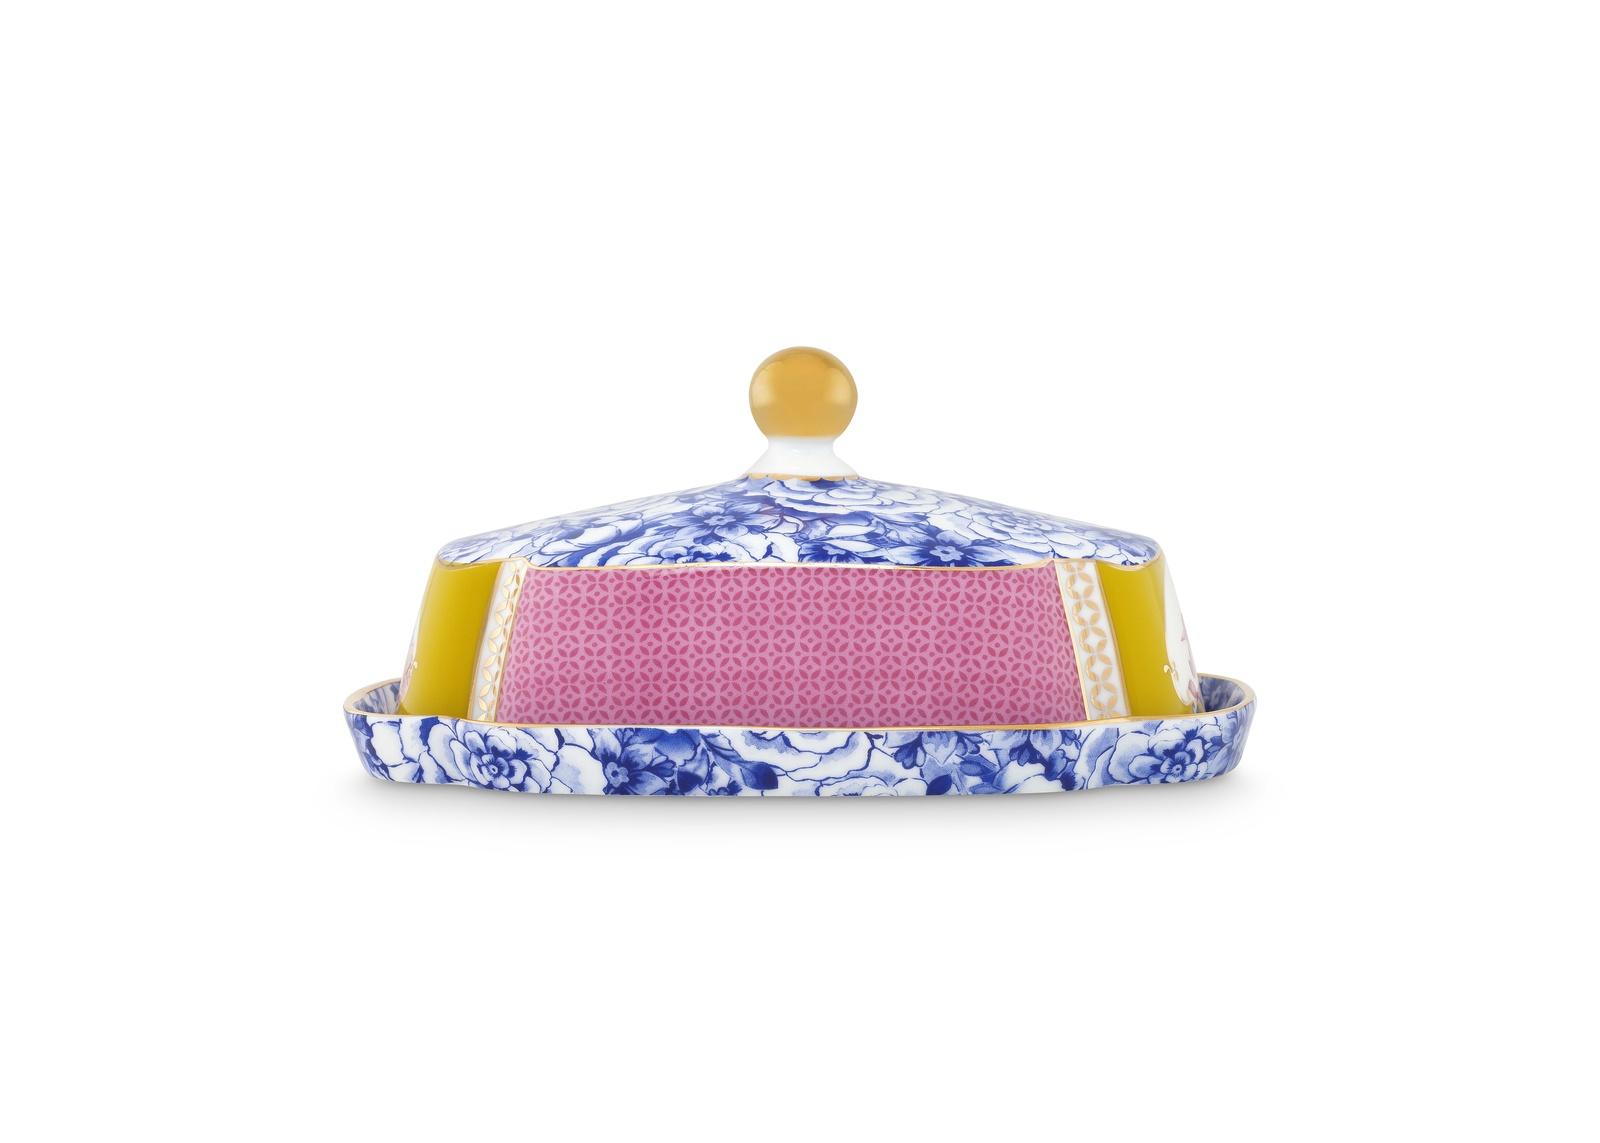 Масленка Pip Studio Royal, цвет: мультиколор51.018.069- Материал: фарфор. Цвет: мультиколор. Размер: длина 18,8, ширина 14,1, высота 9. Не использовать в микроволновой печи, не мыть в посудомоечной машине.